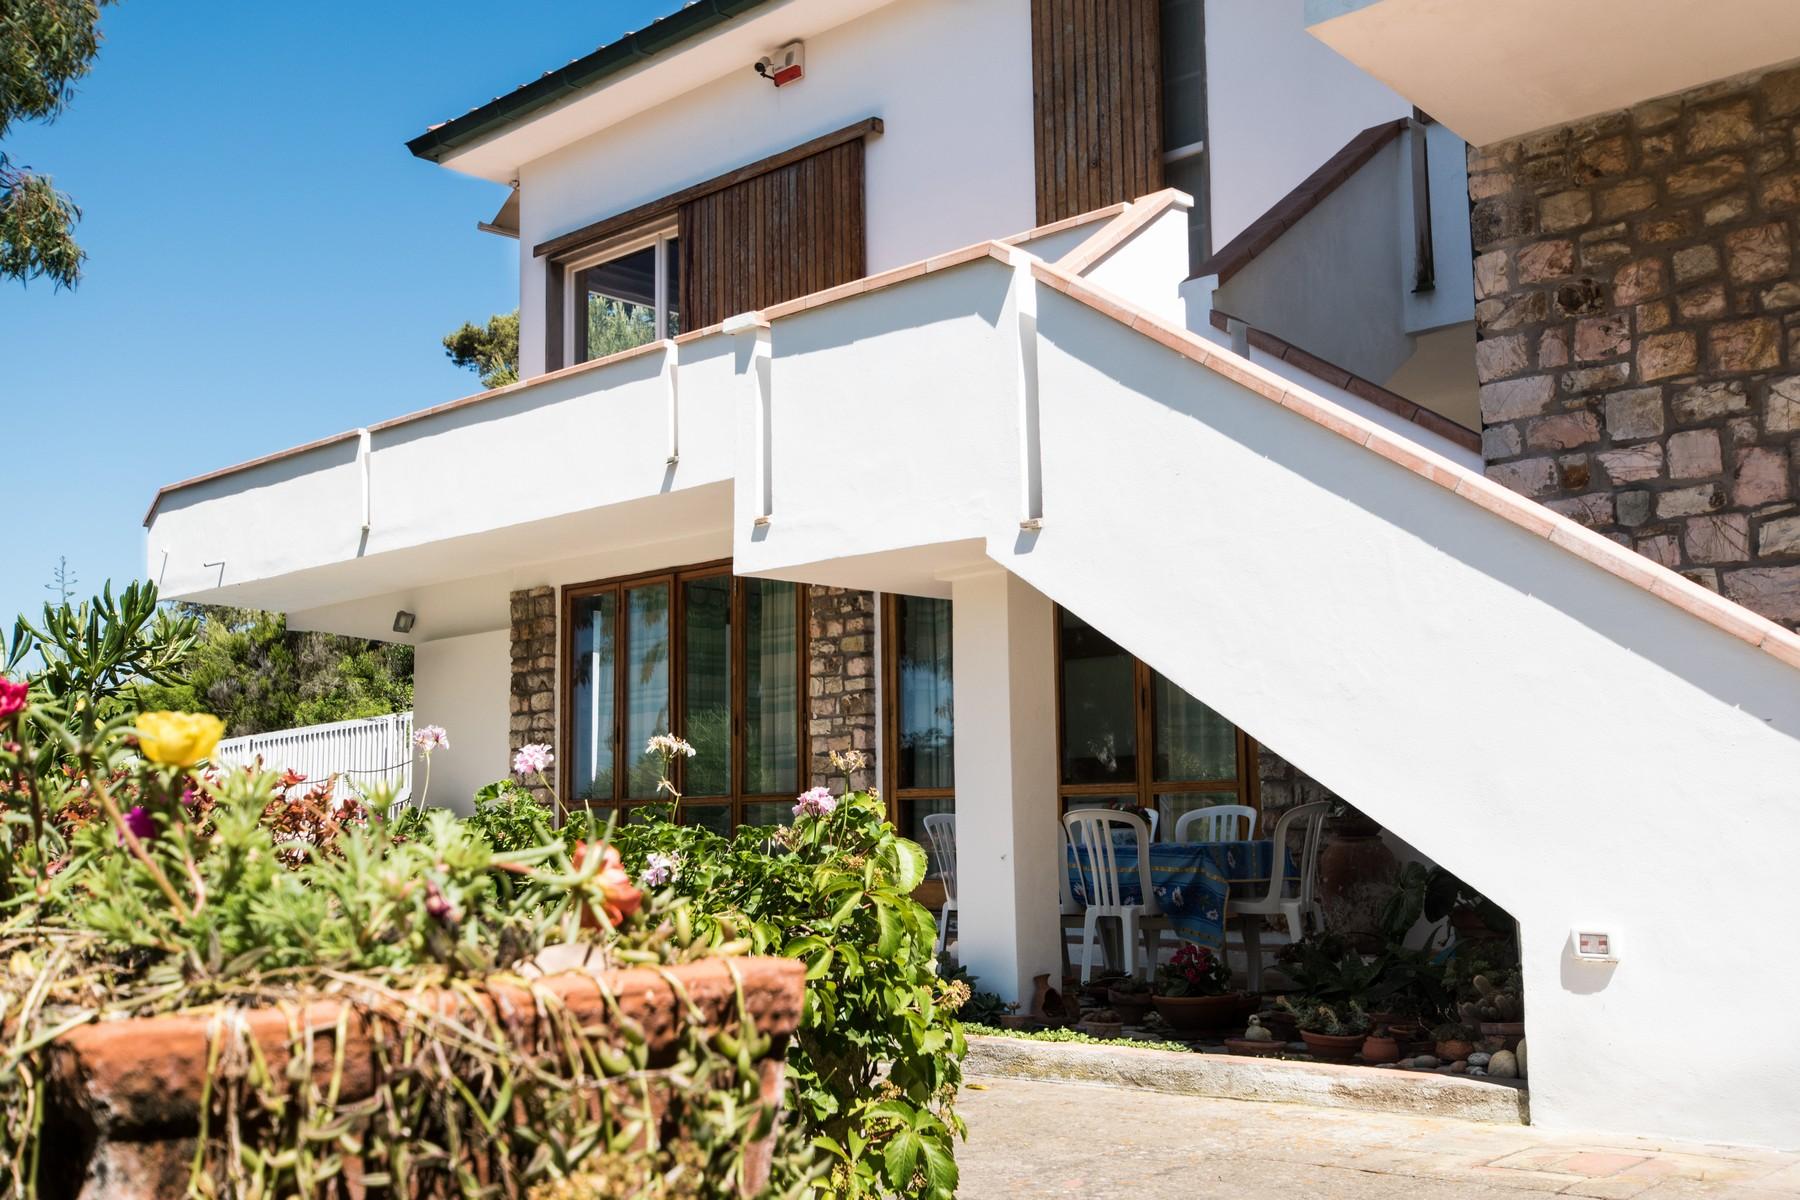 Villa in Vendita a Portoferraio: 5 locali, 300 mq - Foto 6